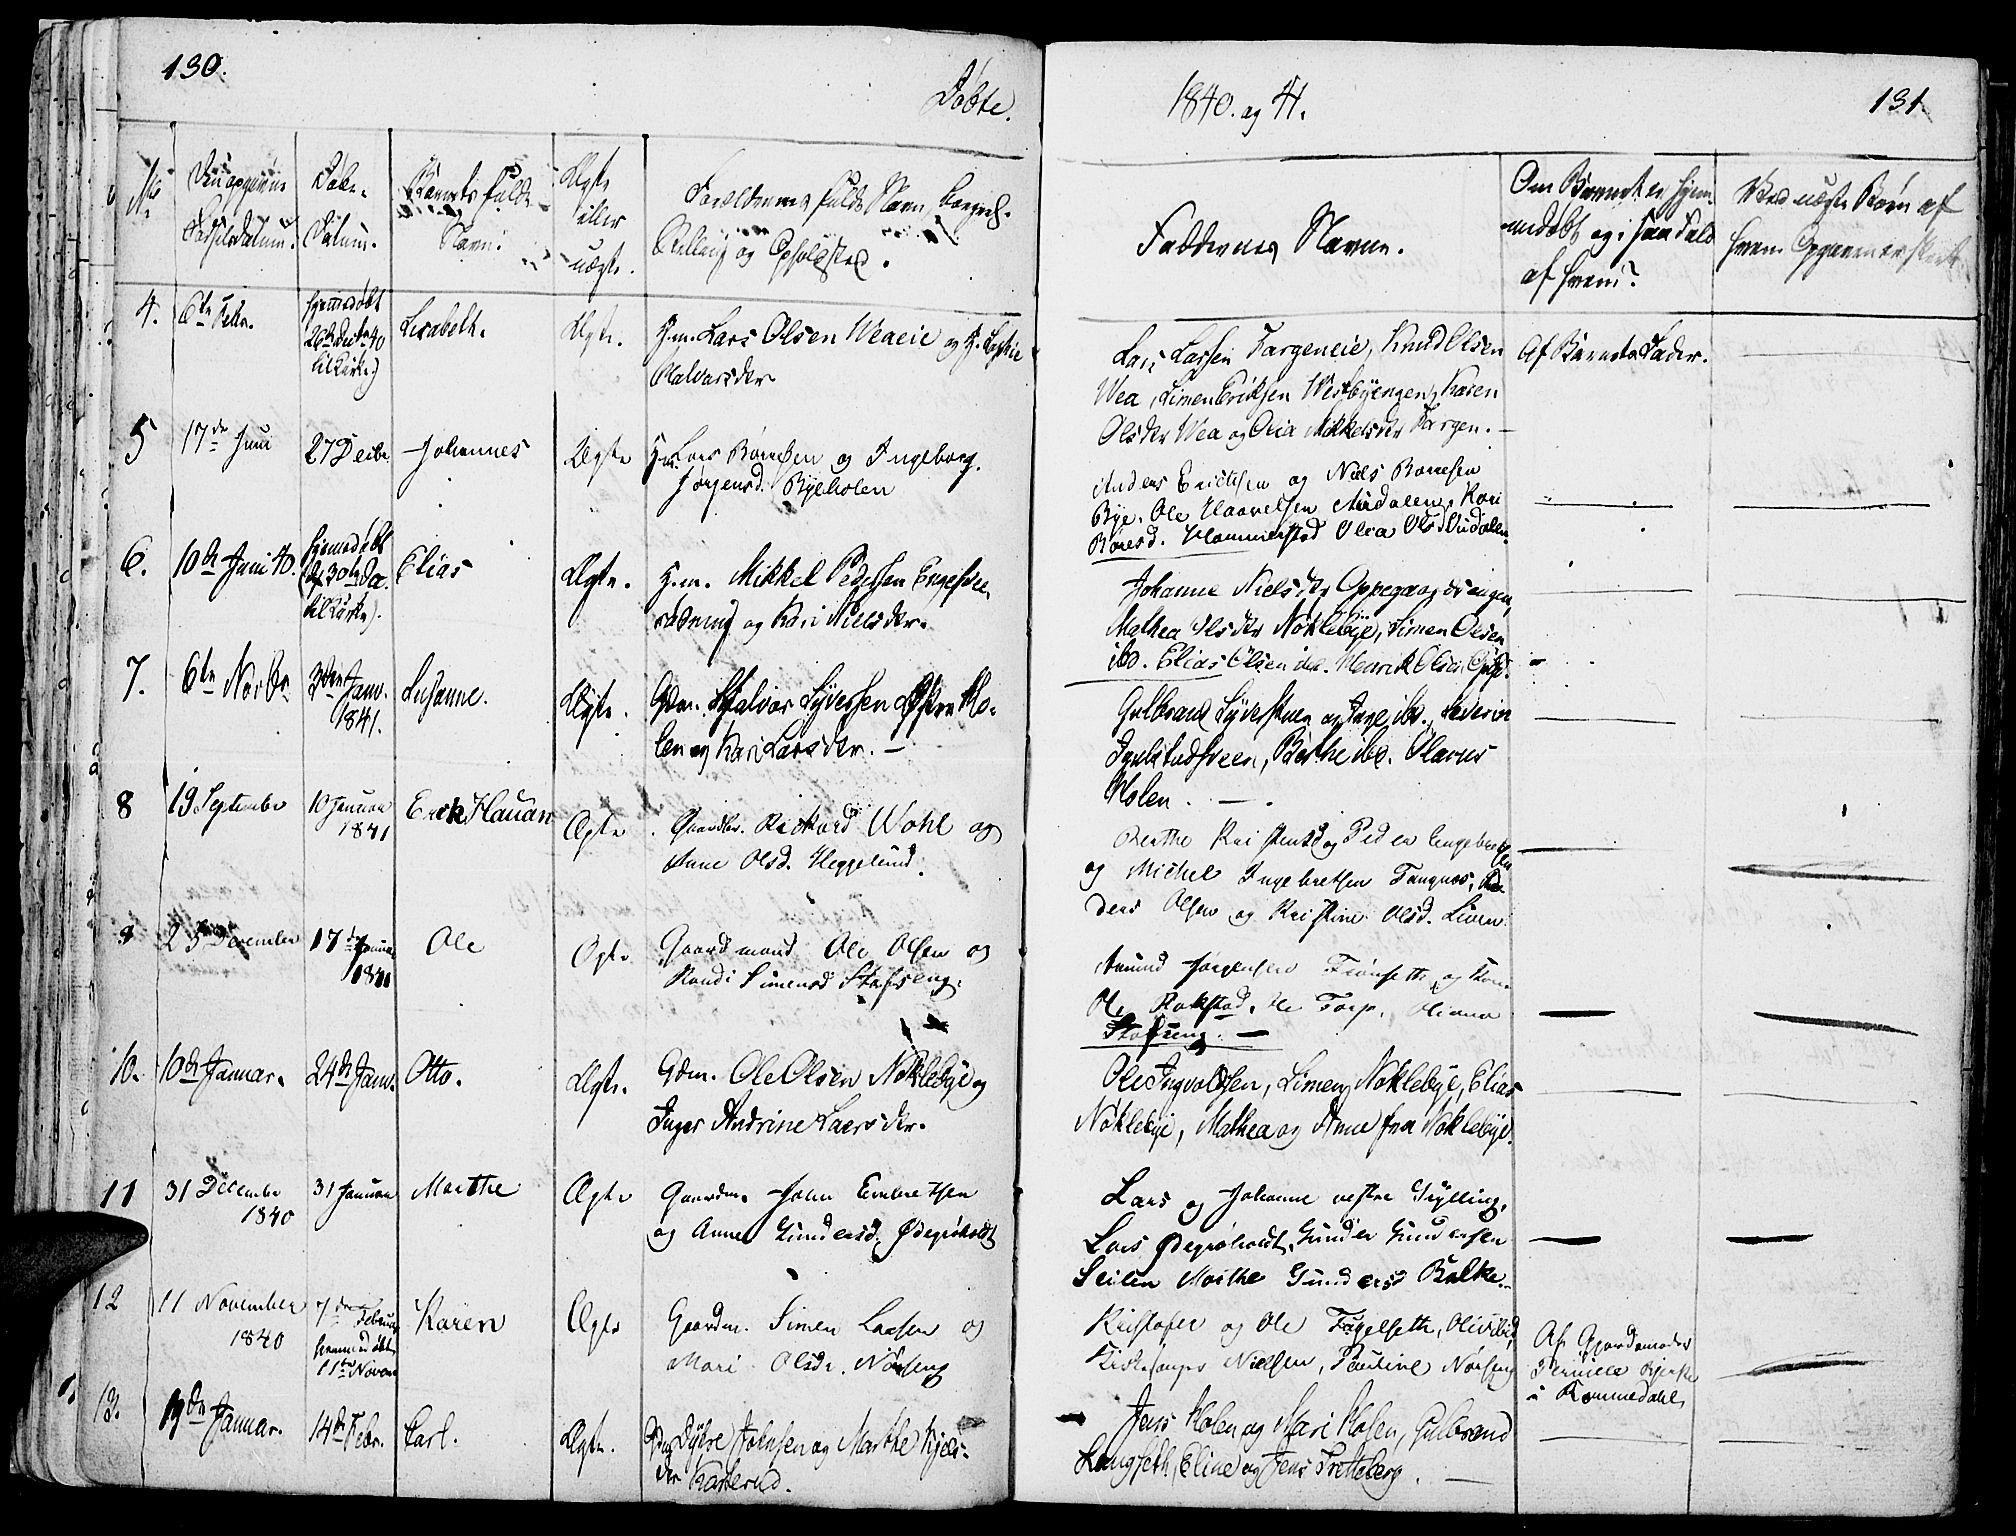 SAH, Løten prestekontor, K/Ka/L0006: Parish register (official) no. 6, 1832-1849, p. 130-131